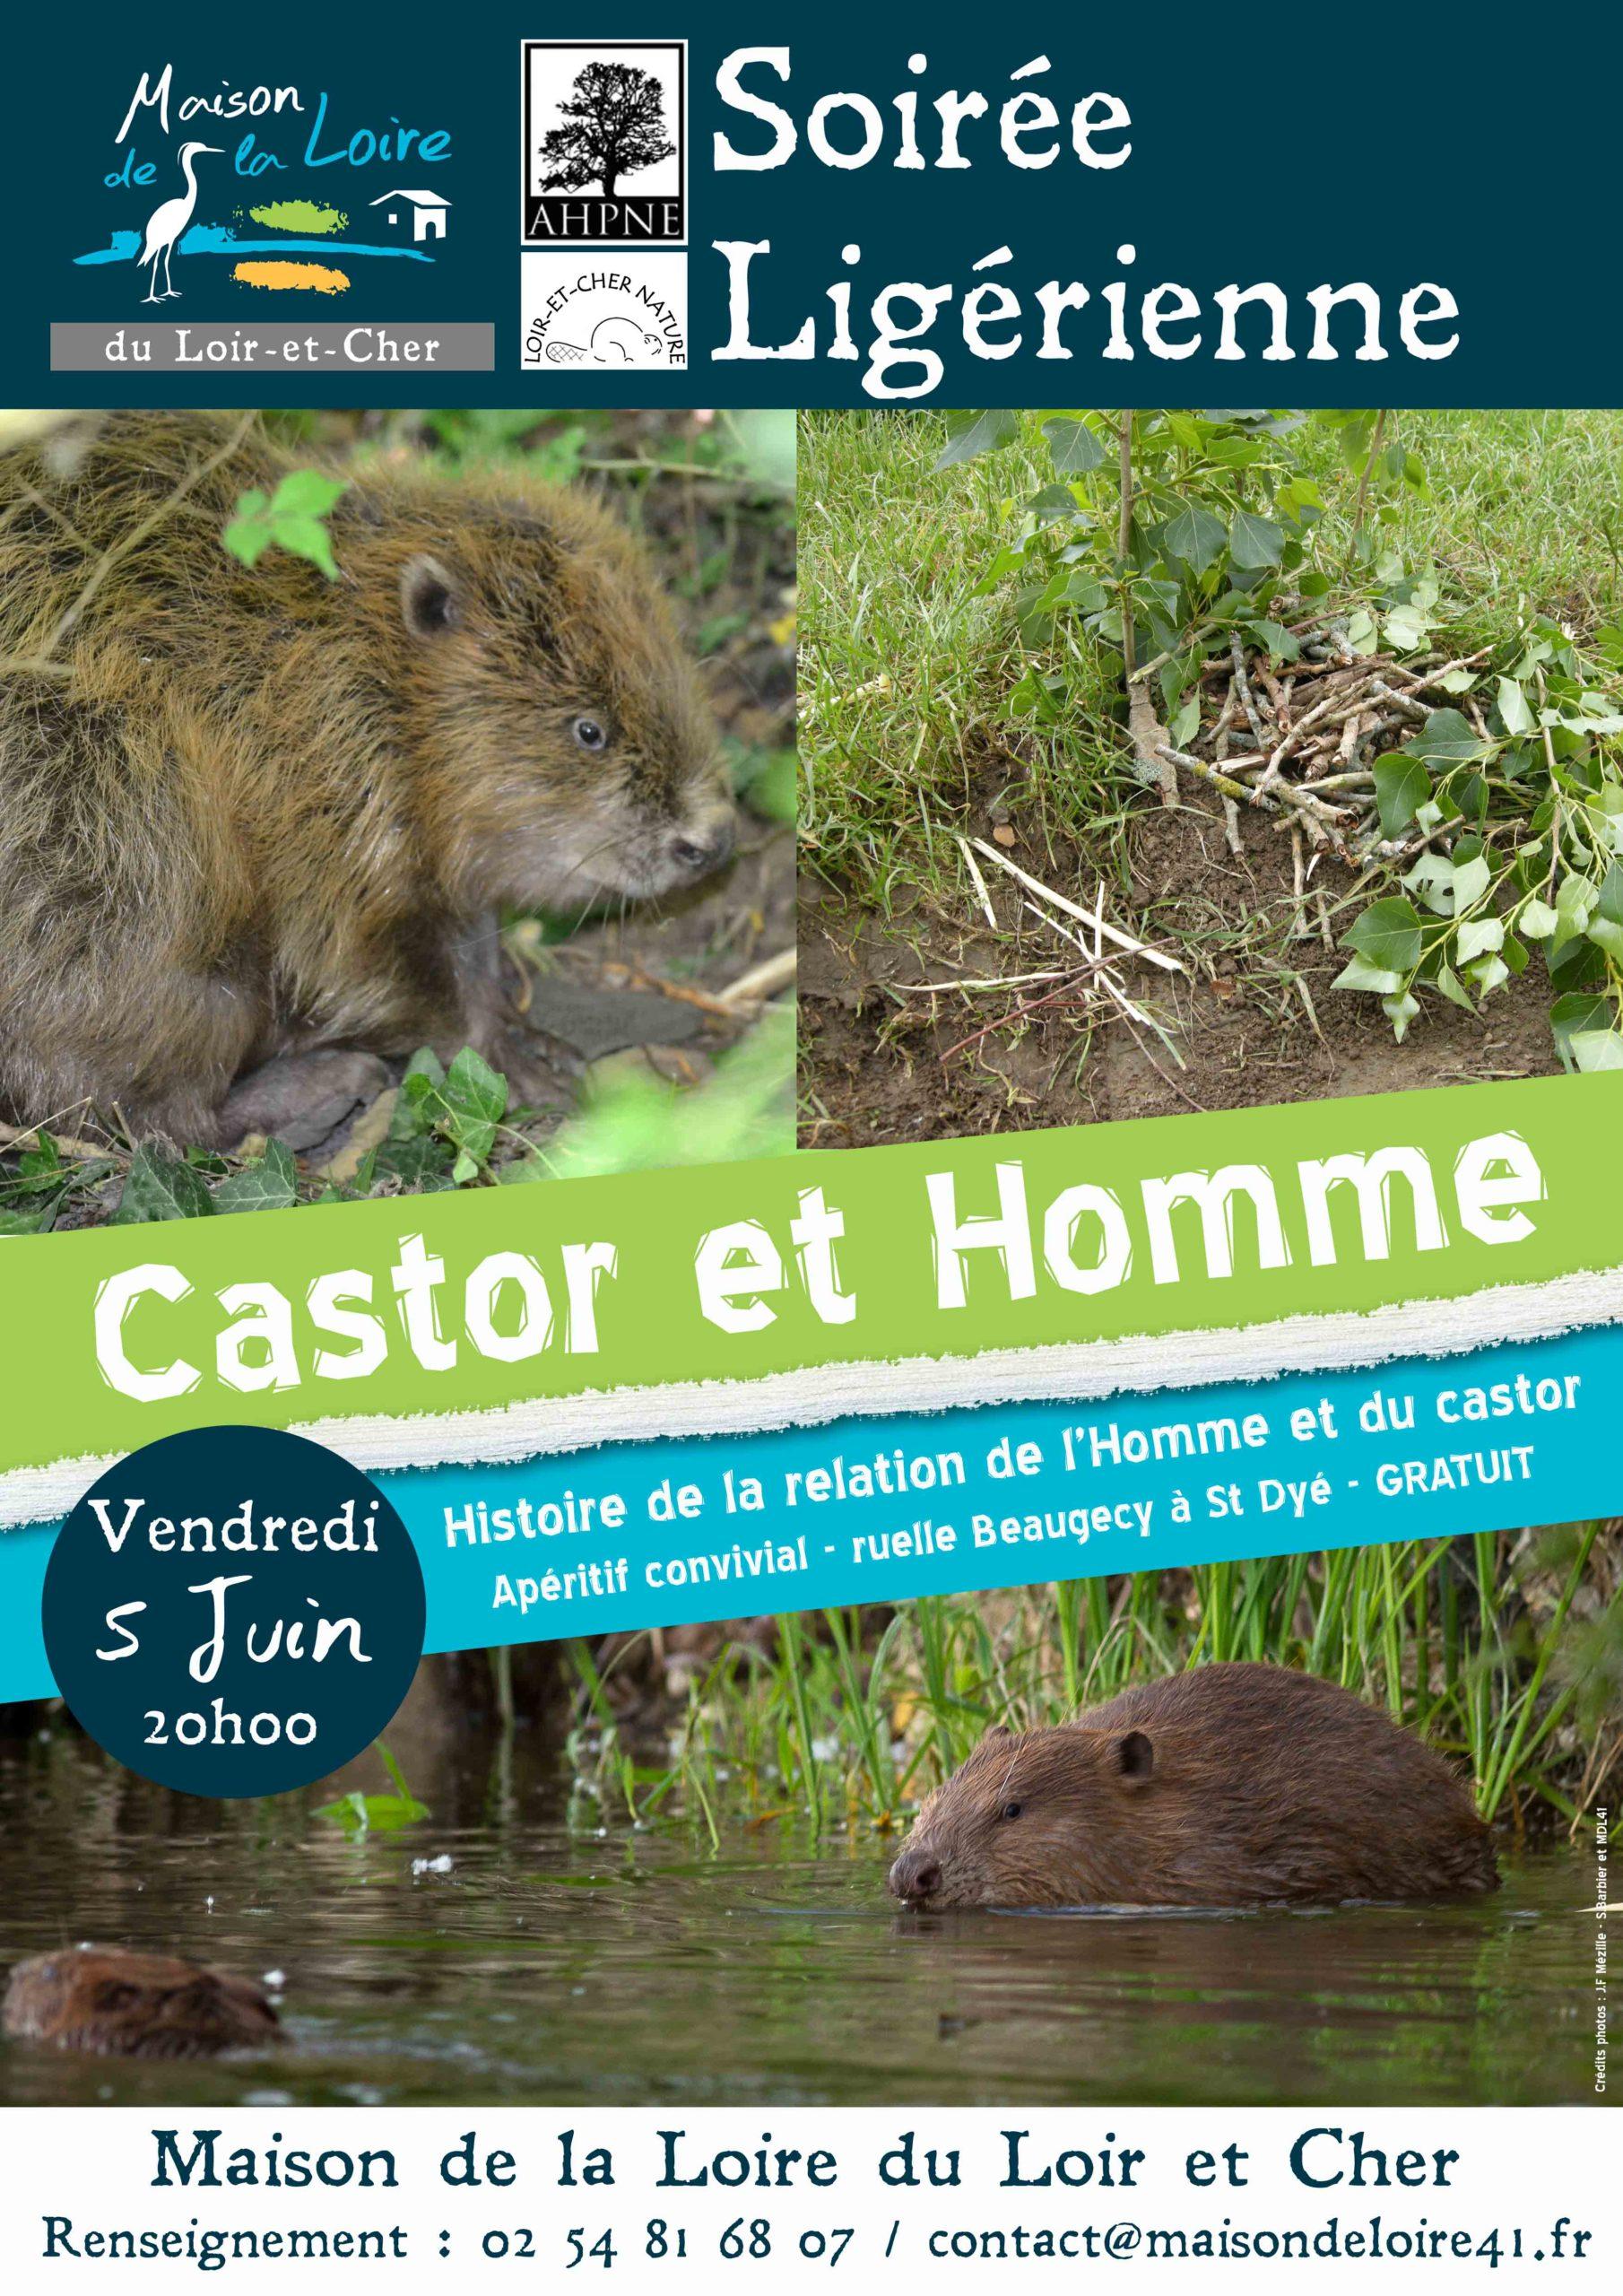 Vendredi 5 juin 2015, Soirée Ligérienne : Castor et Homme